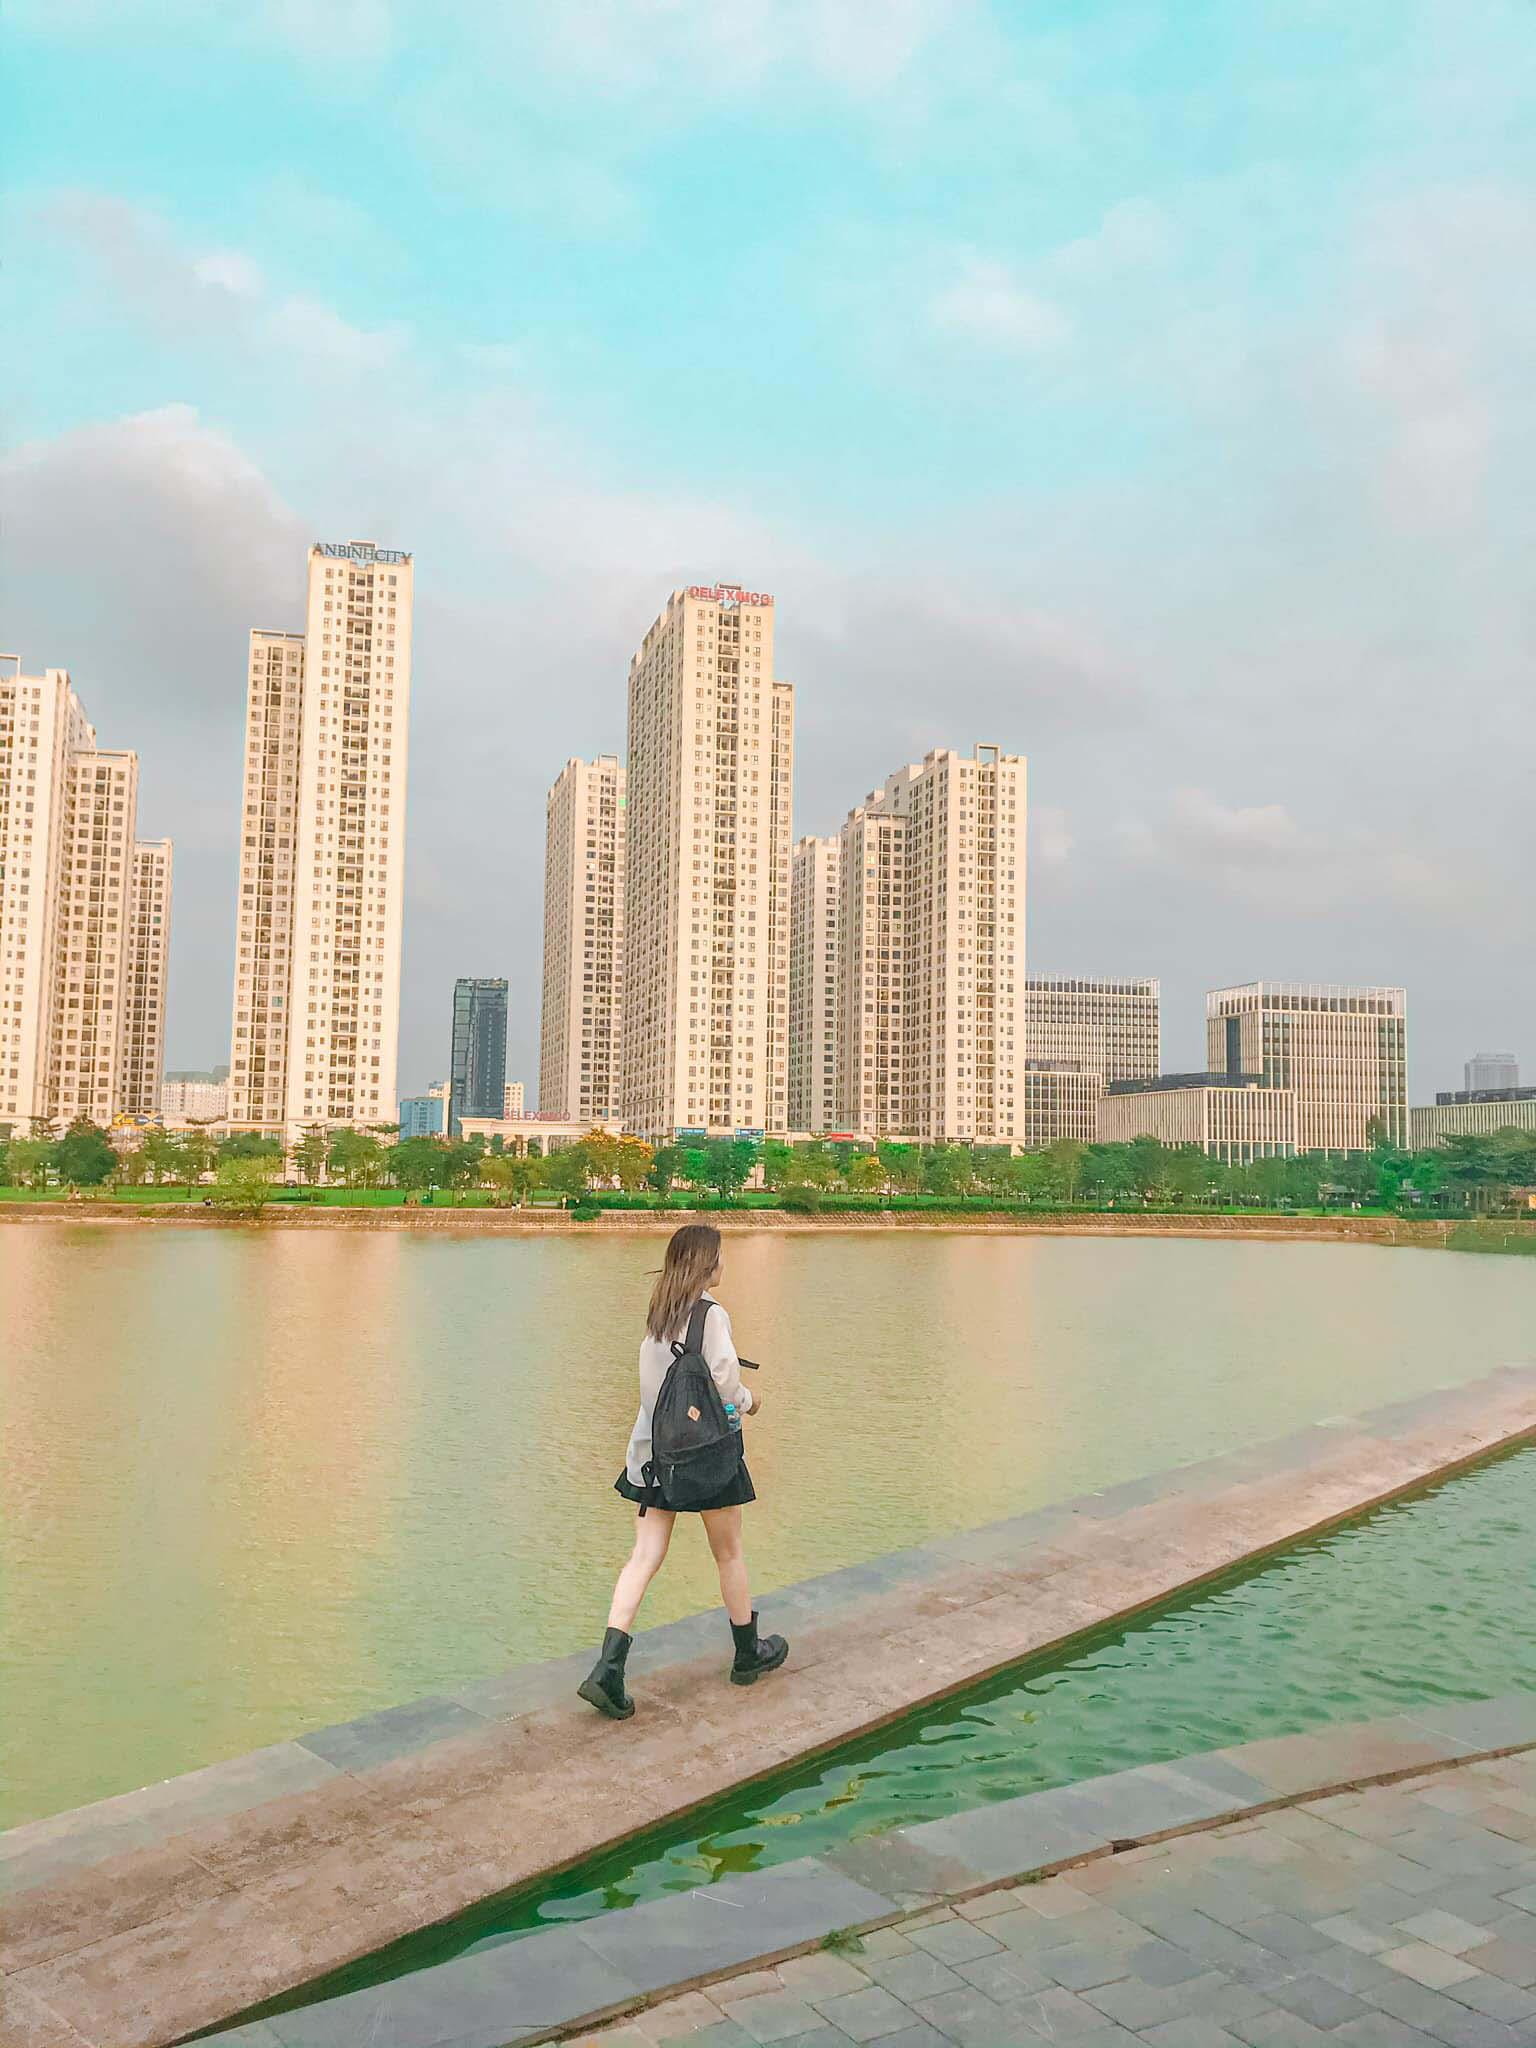 Khám phá tọa độ check-in với 1001 góc sống ảo hút hồn giới trẻ ngay trong lòng thủ đô Hà Nội - Ảnh 1.